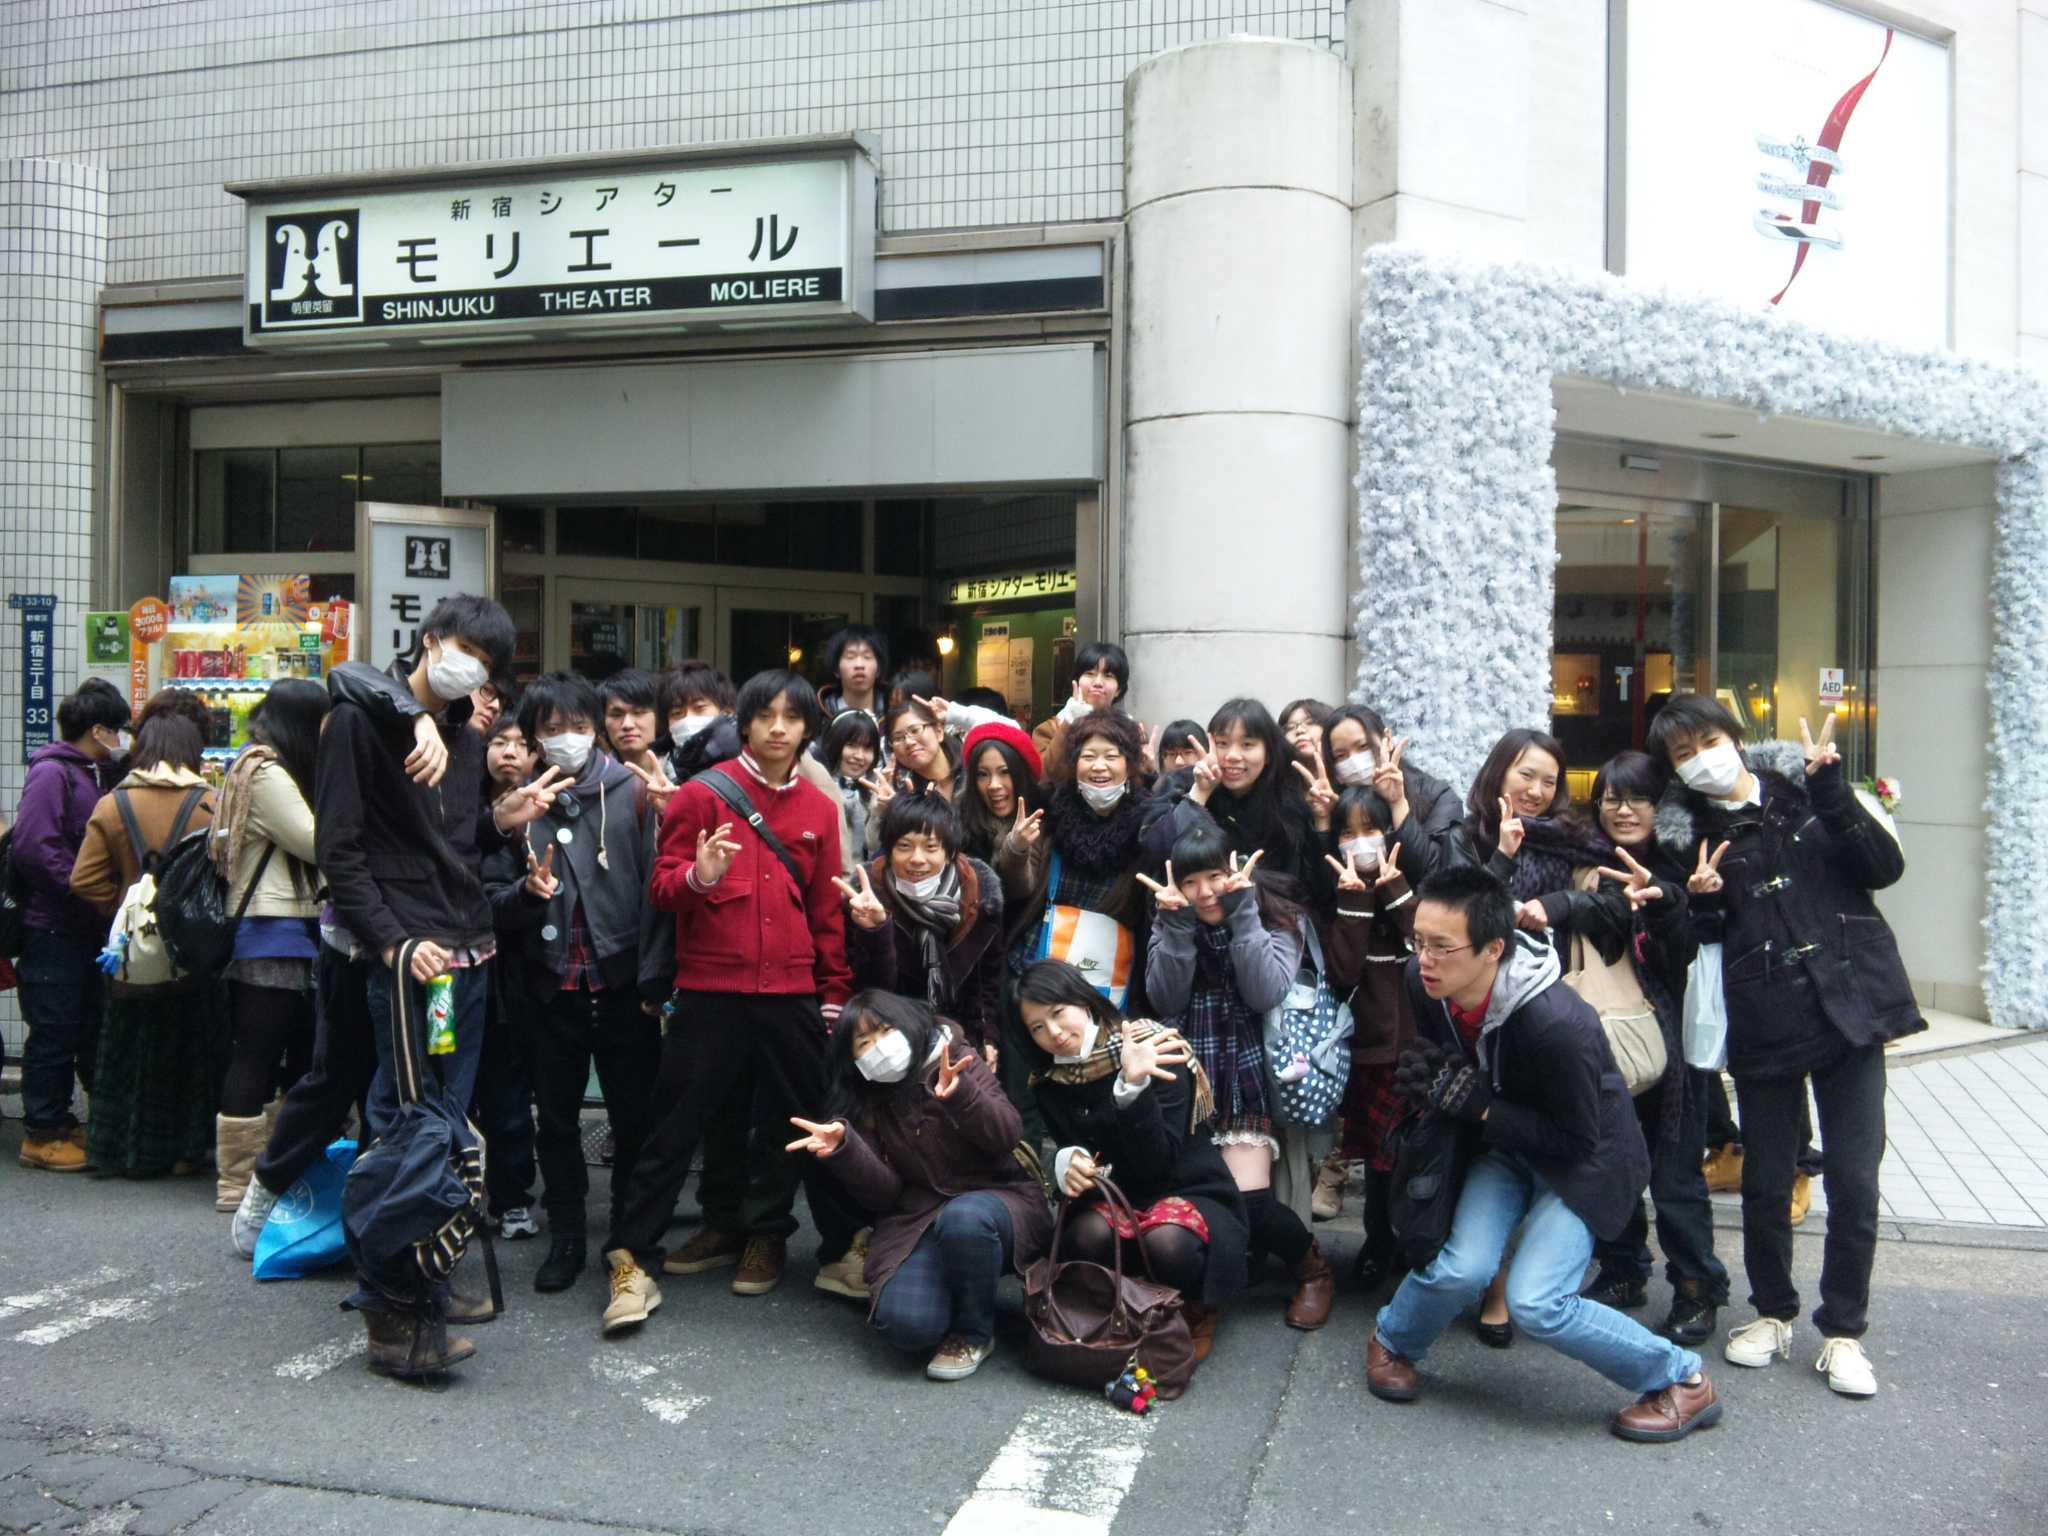 【We are DA TOKYO!】シアターモリエール2日目!